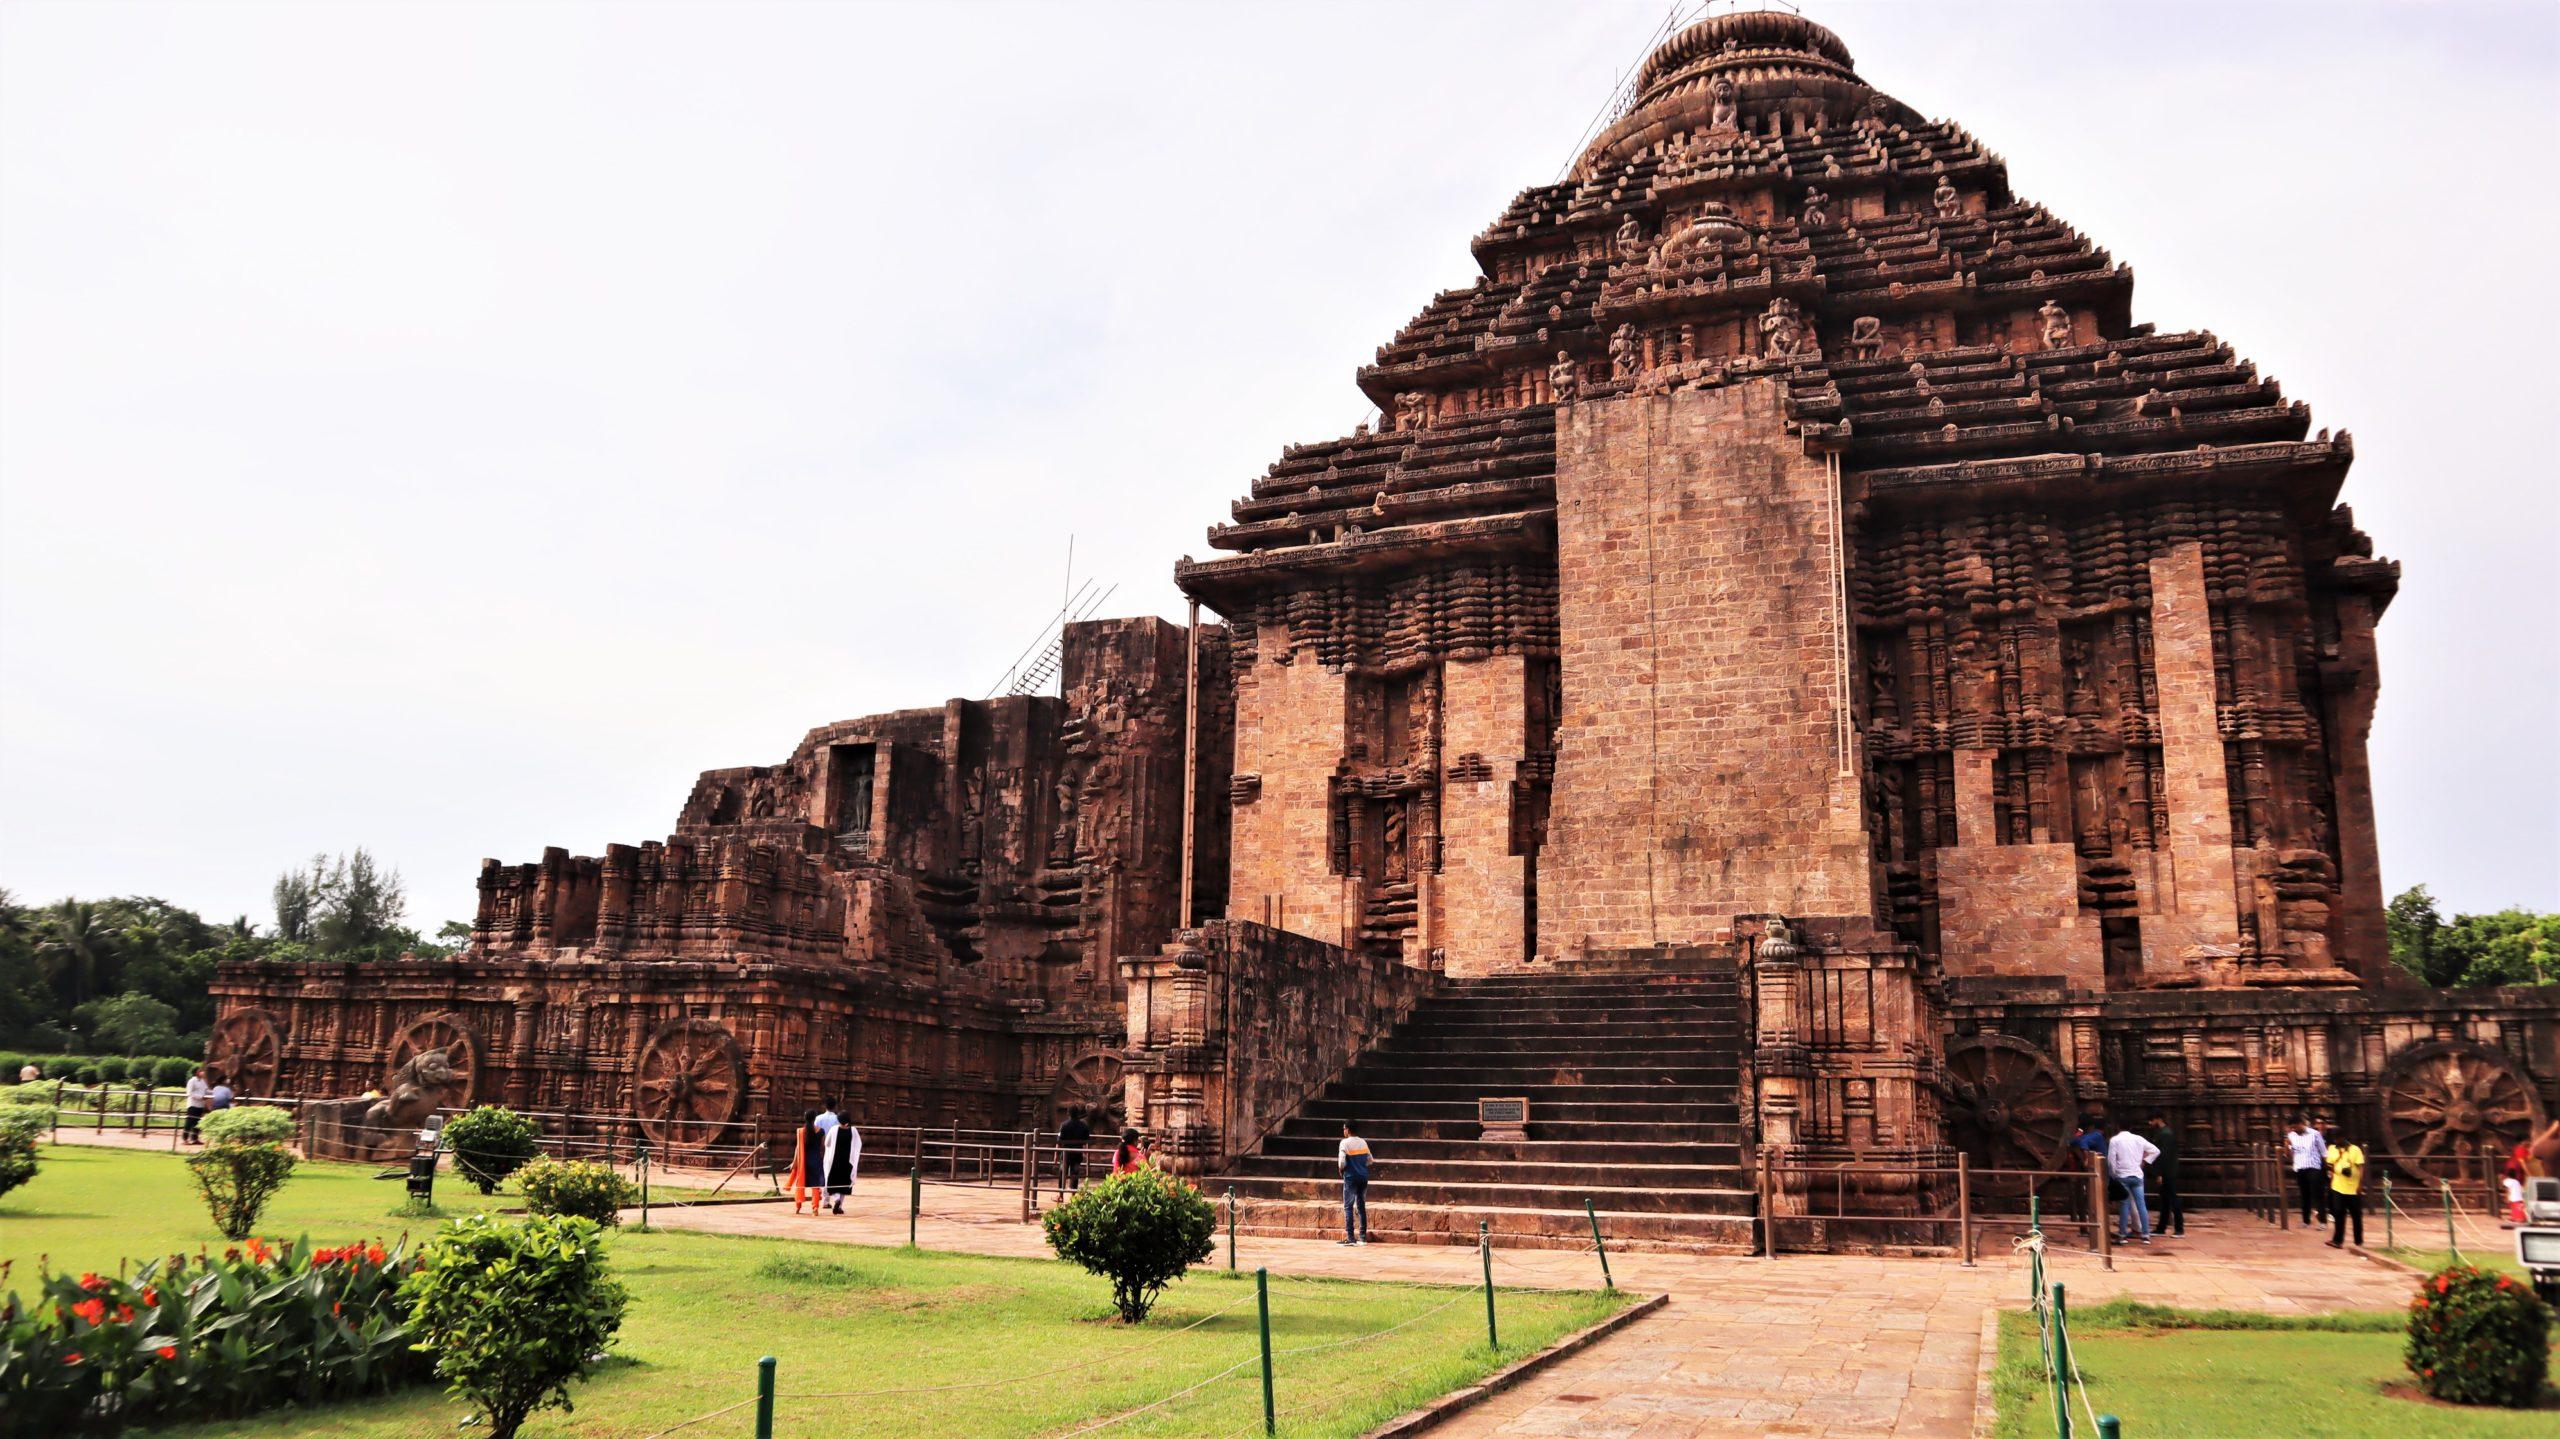 The Konark Sun Temple in Konark. Photo by Manish Kumar/Mongabay.